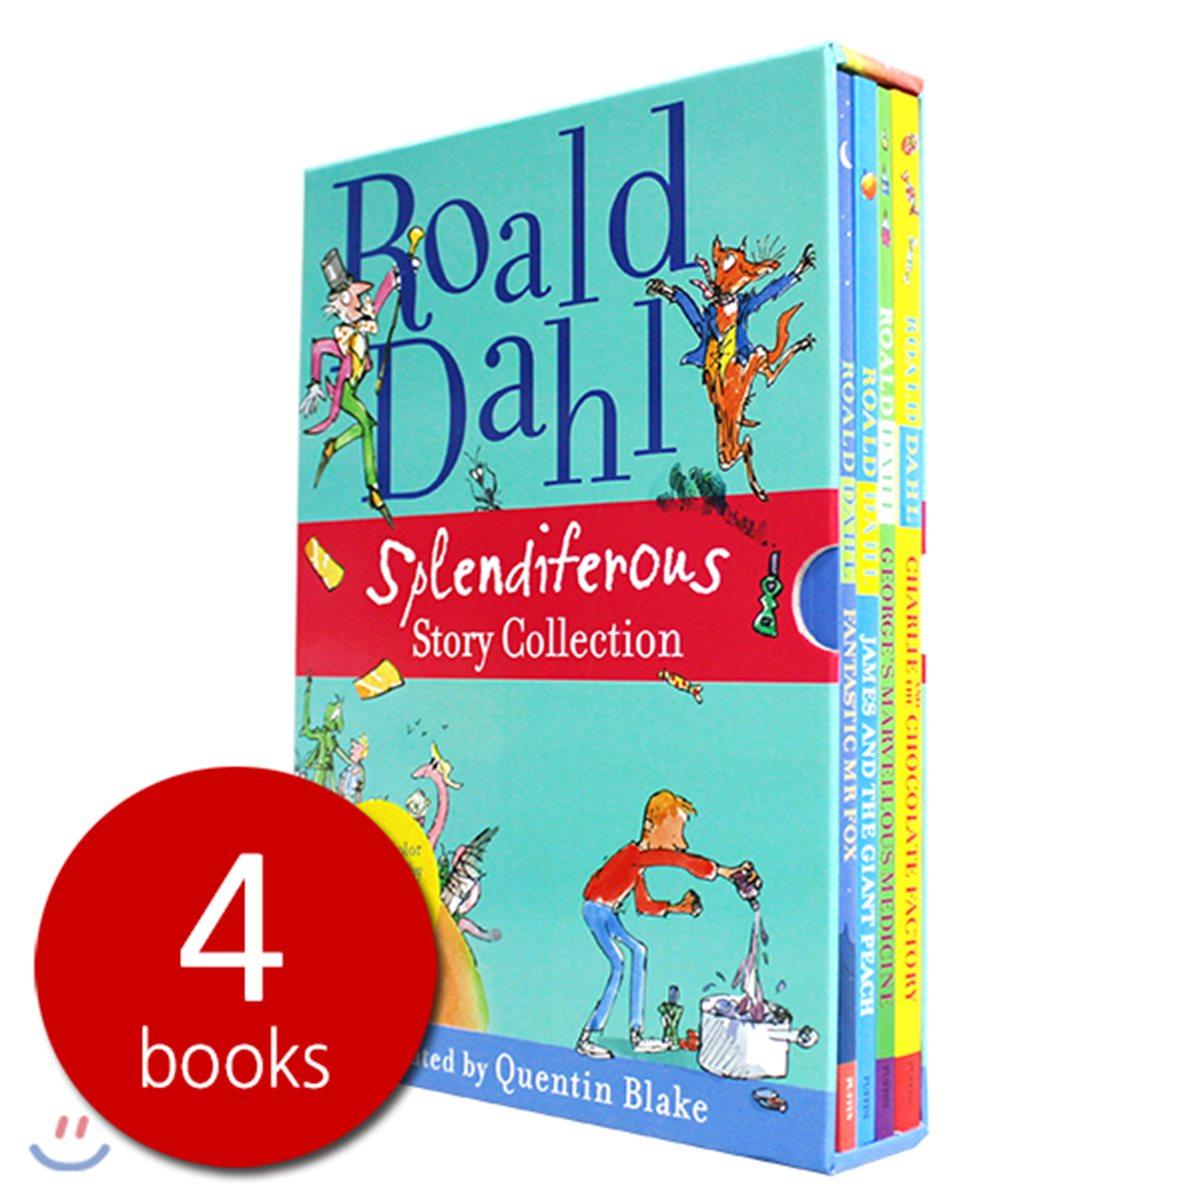 로알드달 베스트 빅북 4종 박스 세트 (영국판 / 올컬러 일러스트판) : Roald Dahl Splendiferous Story Collection